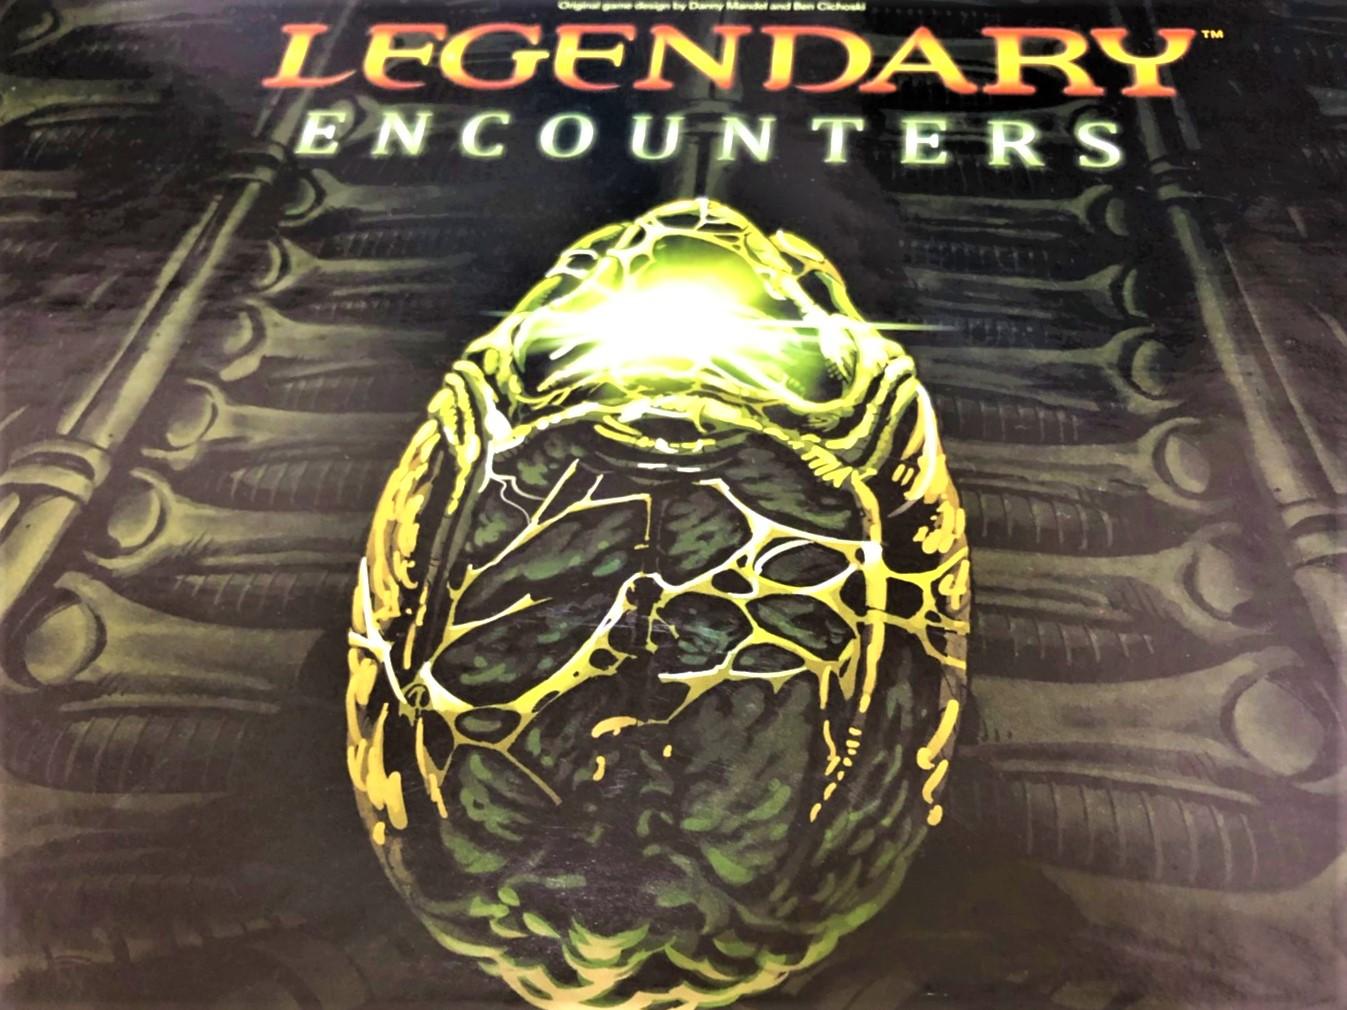 「Legendary Encounters Alien Deckbuilding Game」のボックスアート